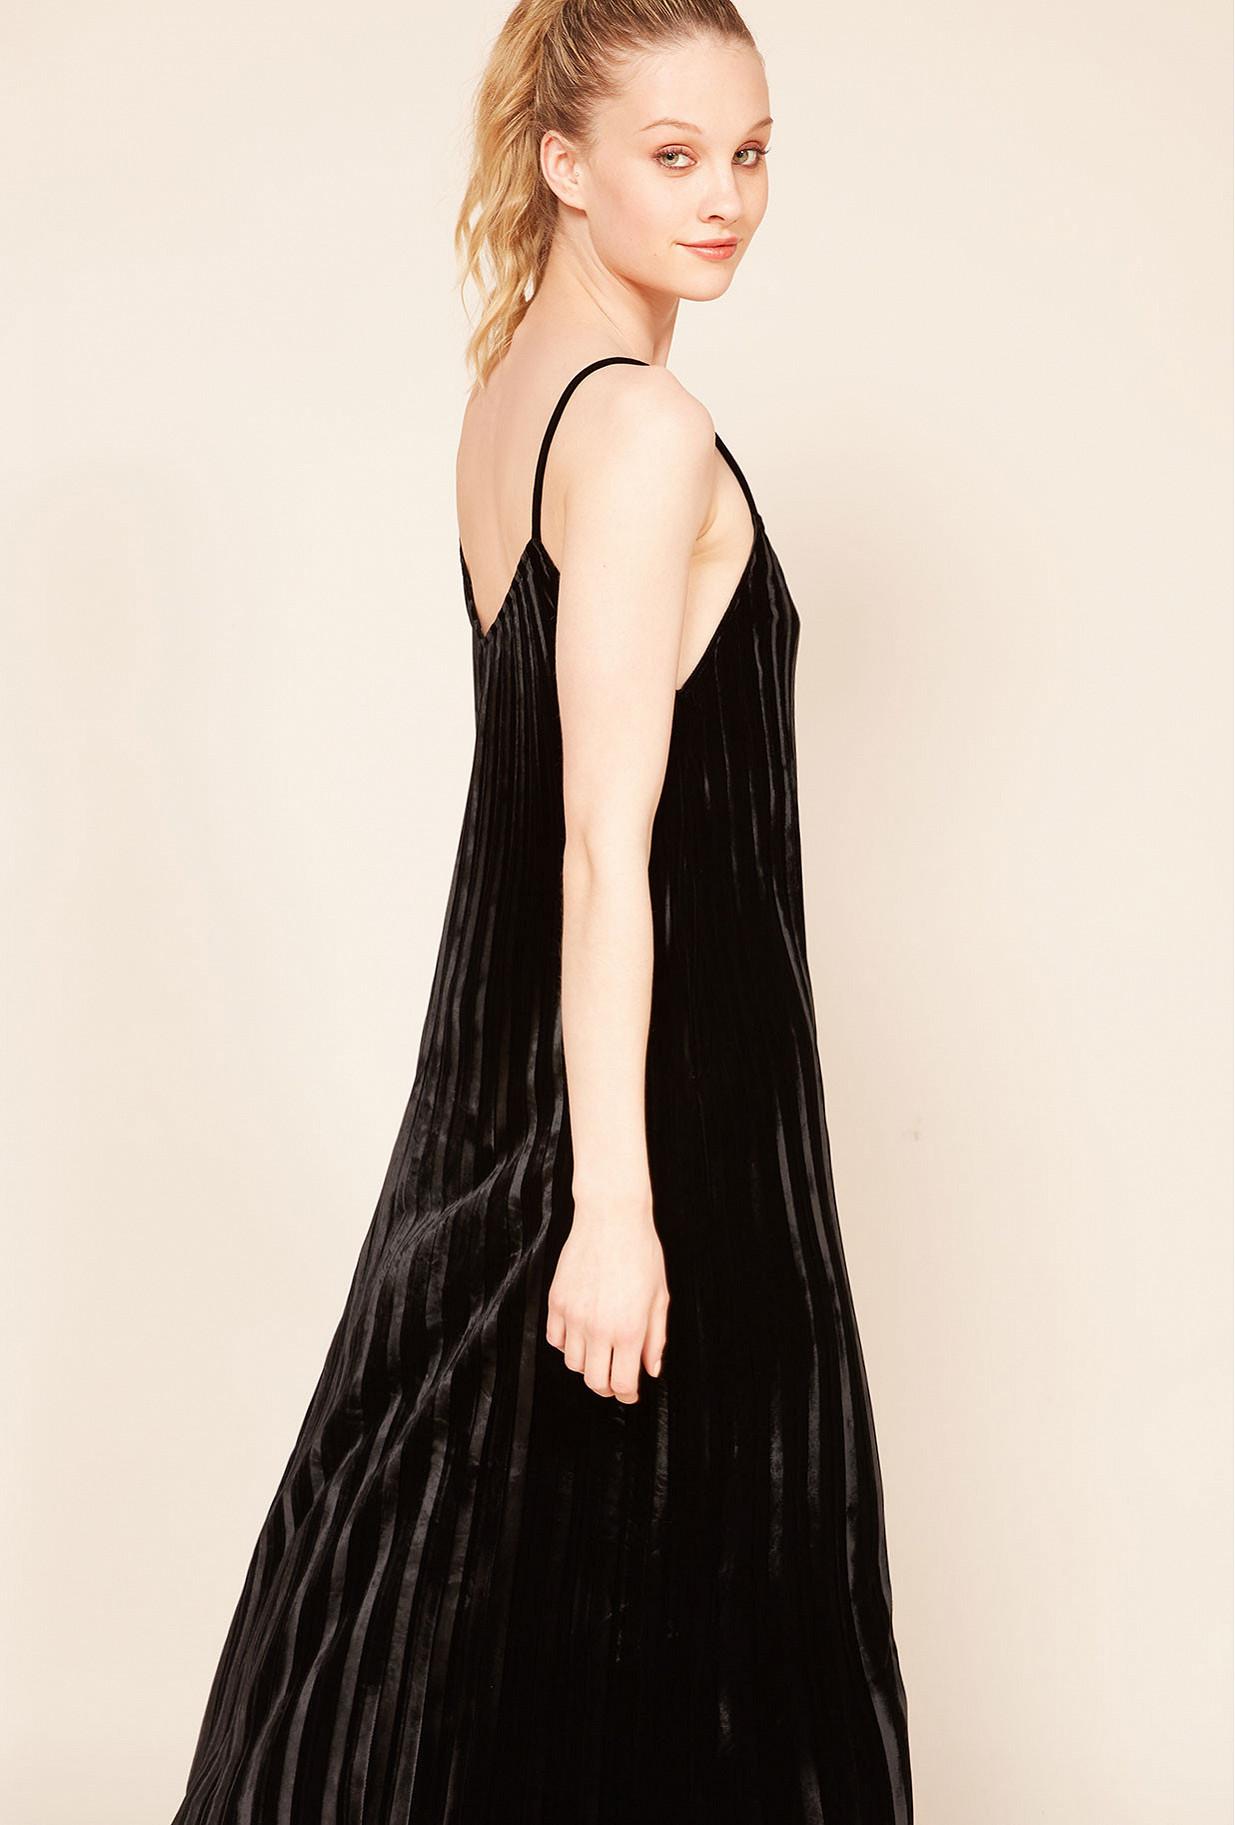 Paris clothes store Dress  Maureen french designer fashion Paris